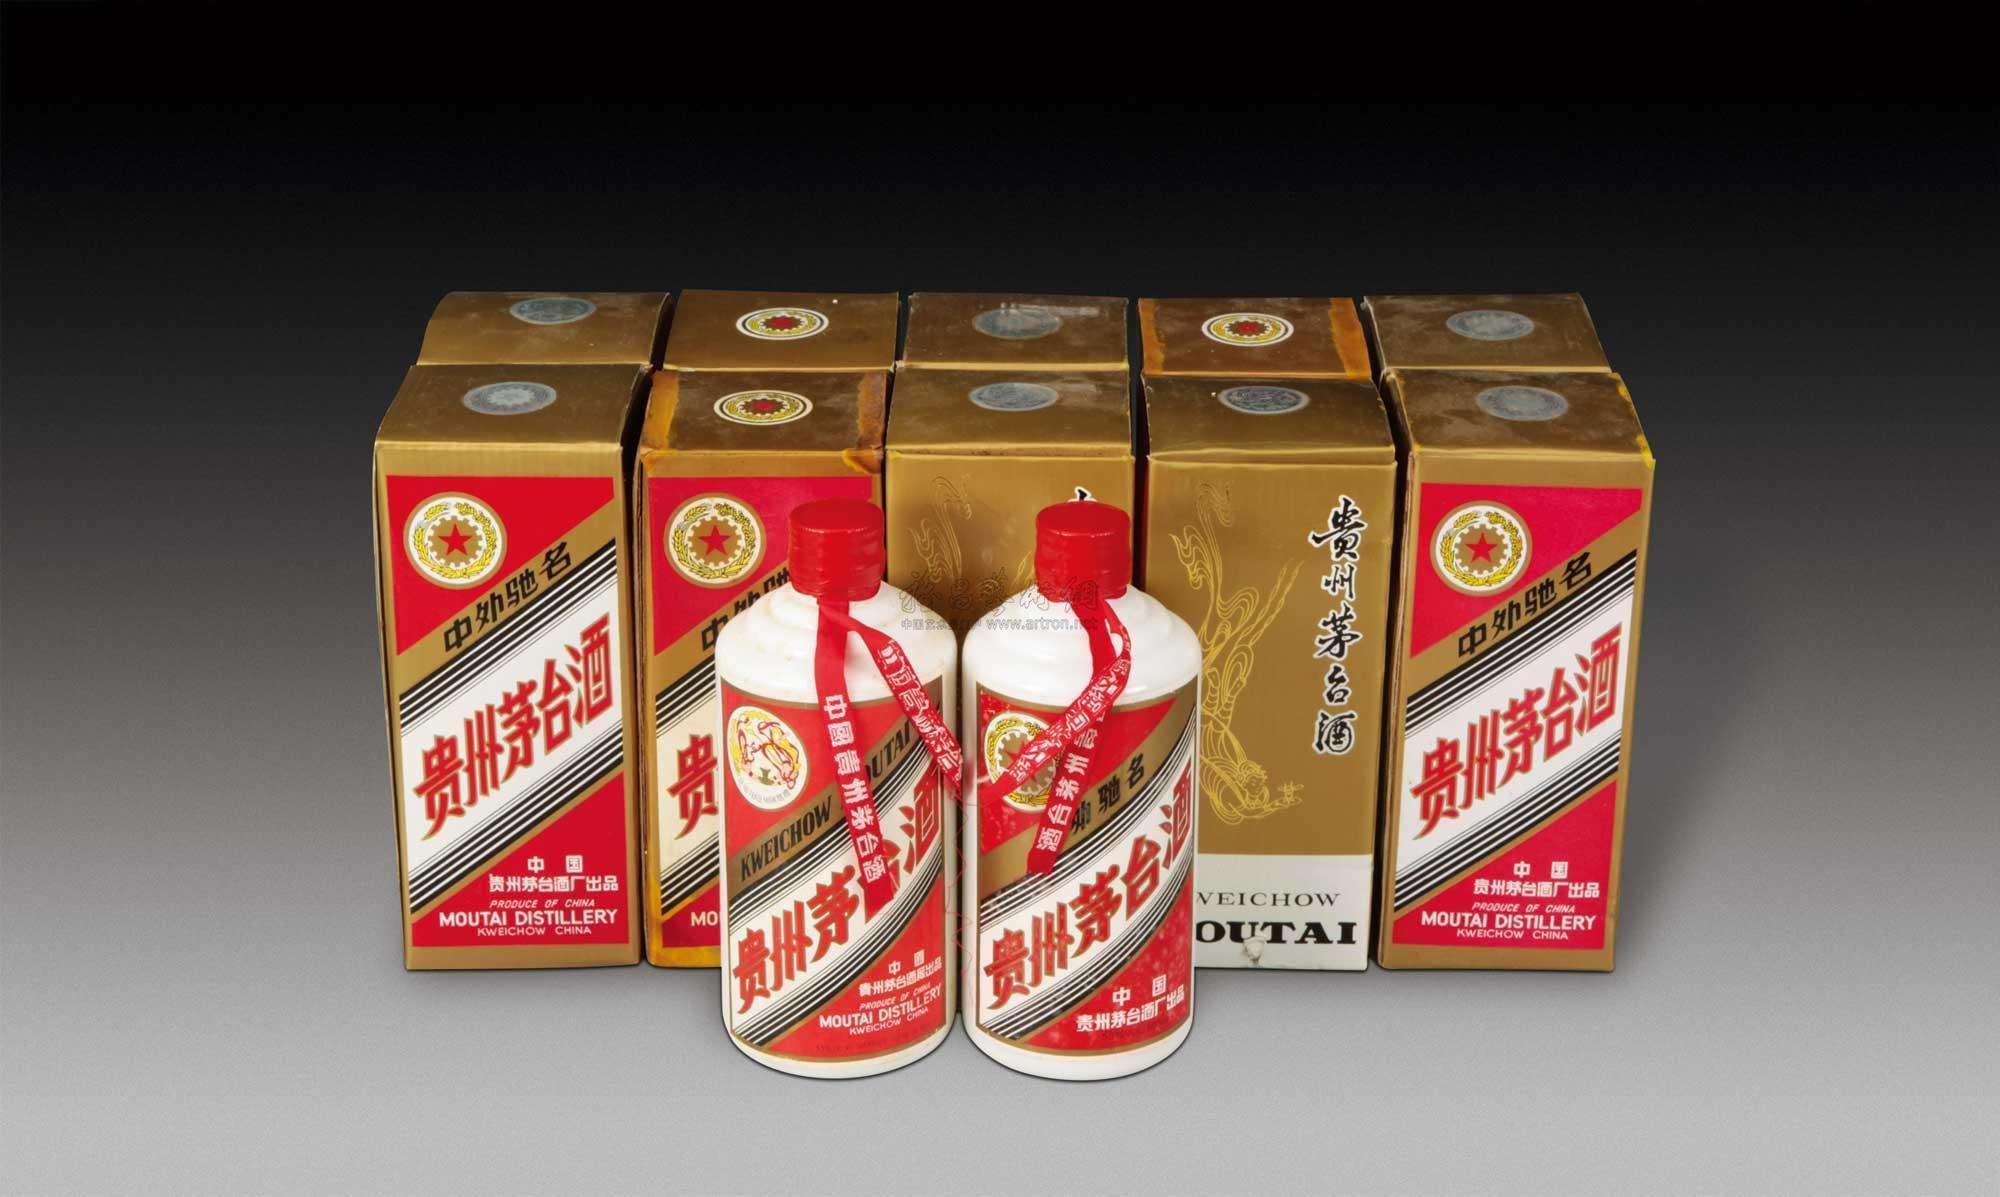 台州上门回收茅台酒回收五粮液回收天之蓝回收红酒的图片